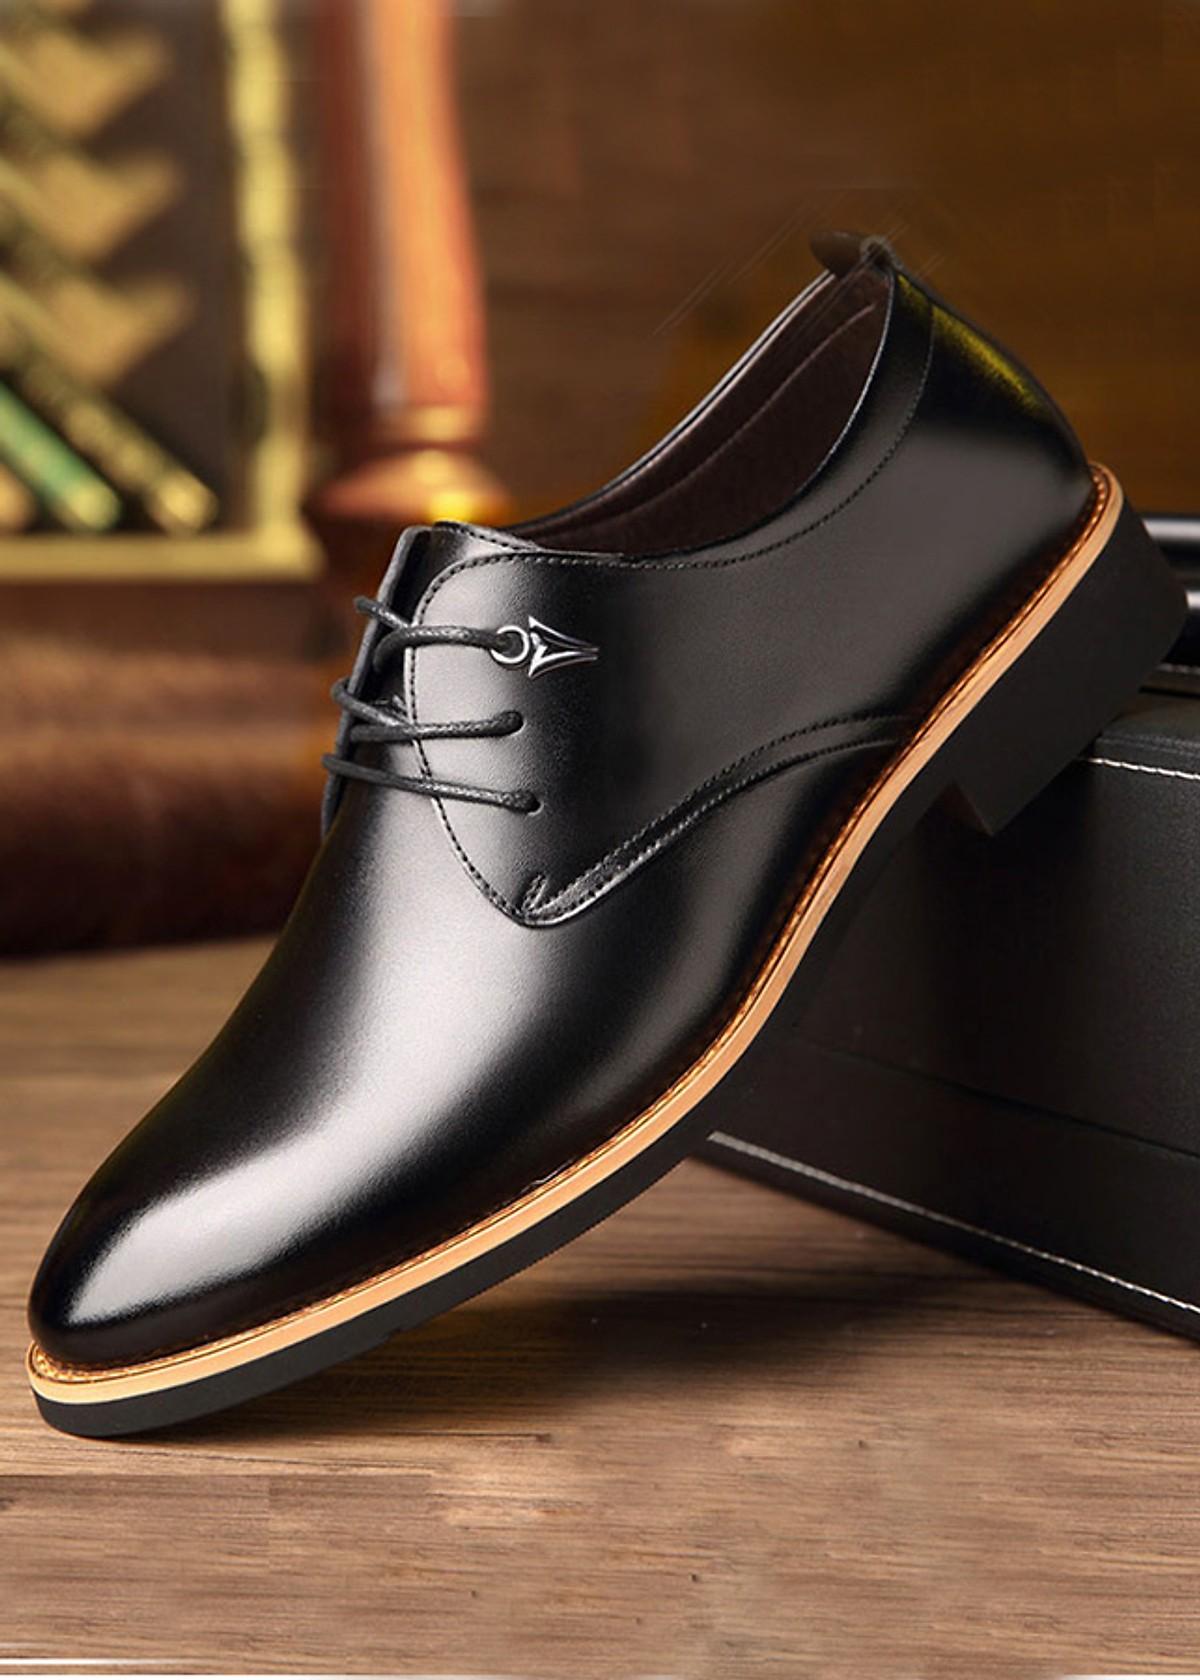 Giày Tây Nam Chất Liệu Da Cao Cấp Lịch lãm Thời Thượng [ BT31 Màu Đen ]